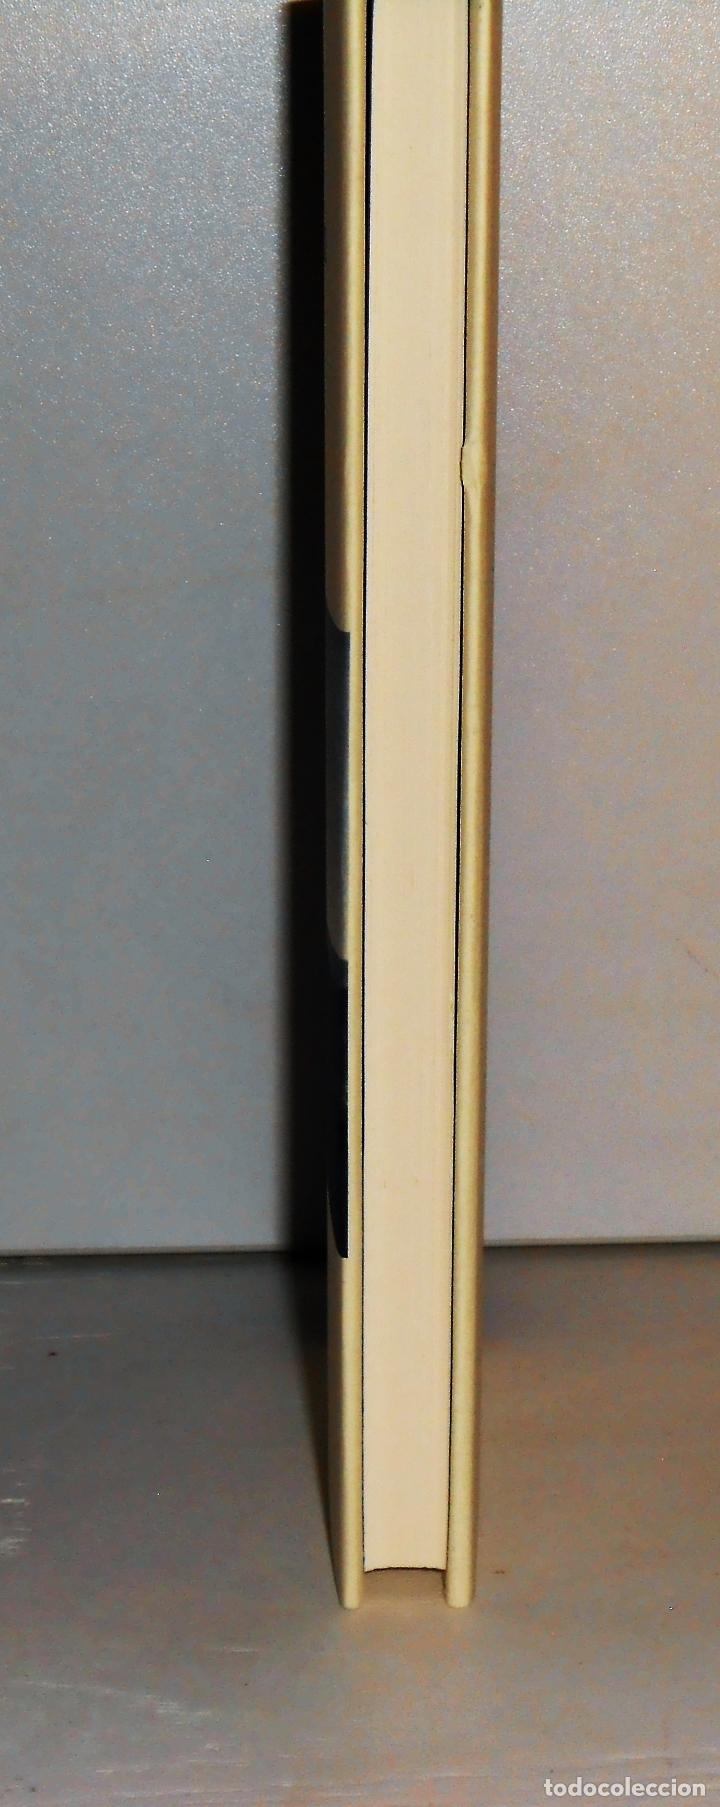 Libros de segunda mano: Ada Castells ,TODA LA VIDA - EDHASA - Foto 2 - 171102103